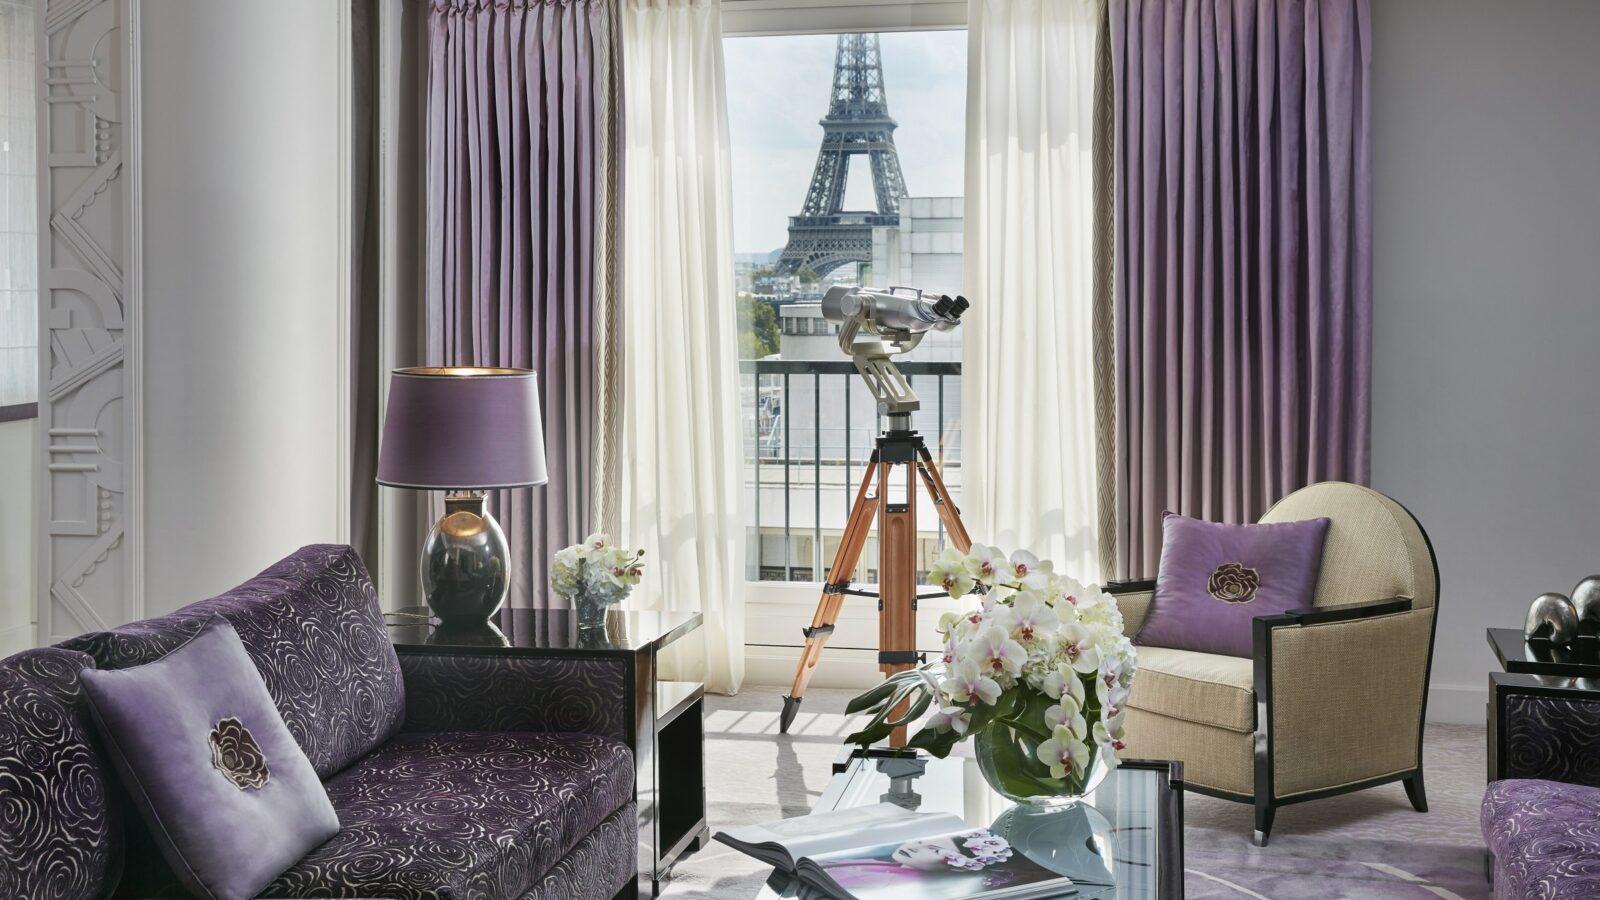 Eiffel Suite - Hôtel Plaza Athénée